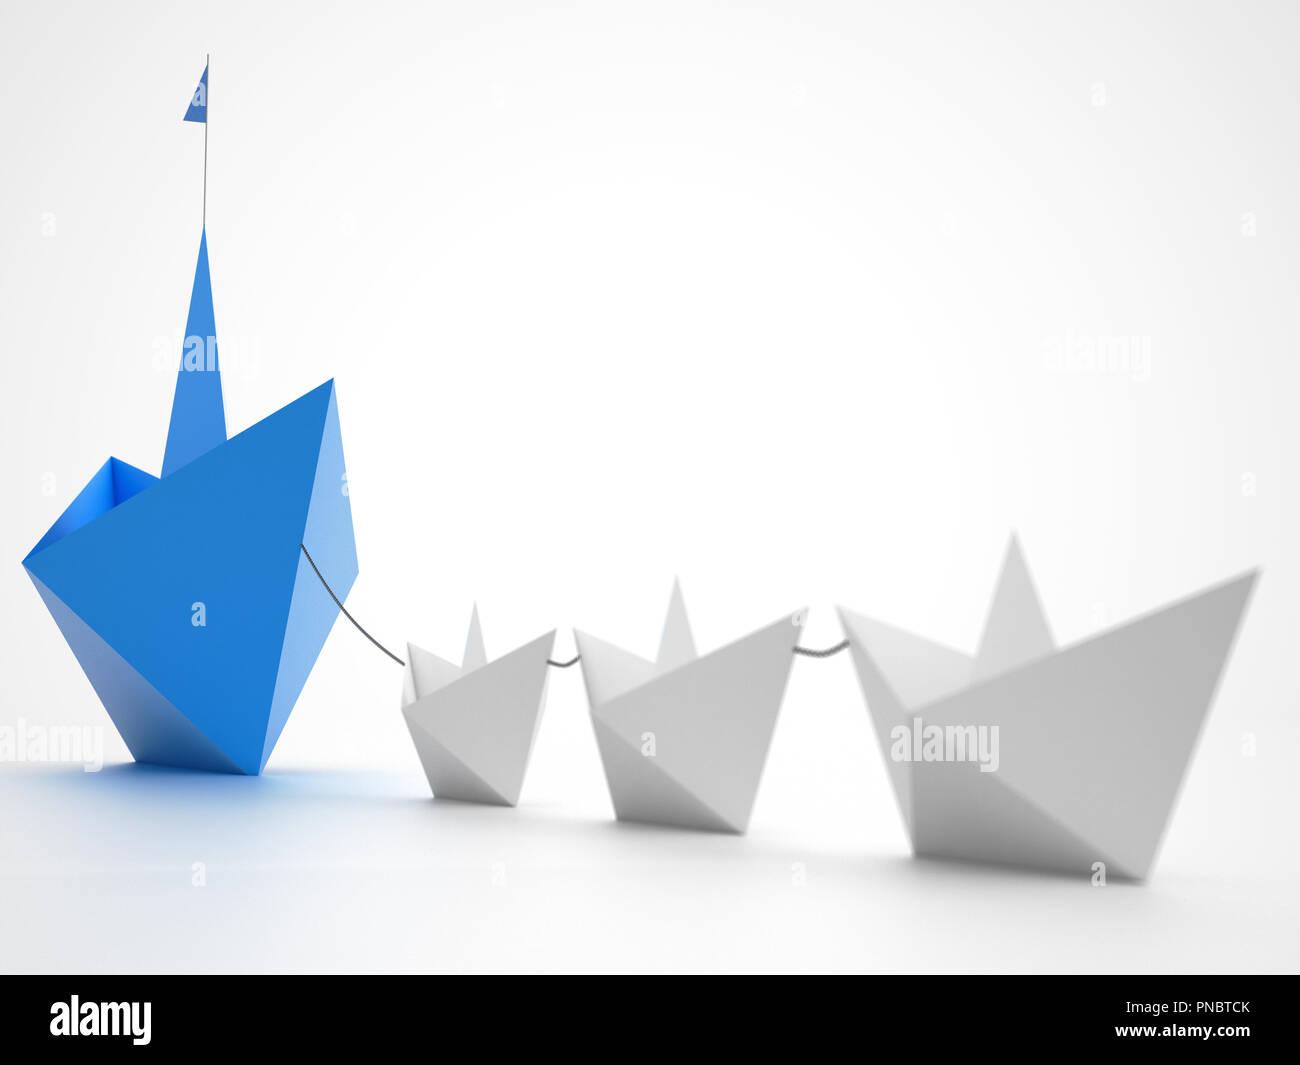 Einigkeit macht stark. Kleines Papier Boote, Ziehen eines größeren Schiff. Konzept der Teamarbeit und der Allianz. 3D-Rendering Stockbild